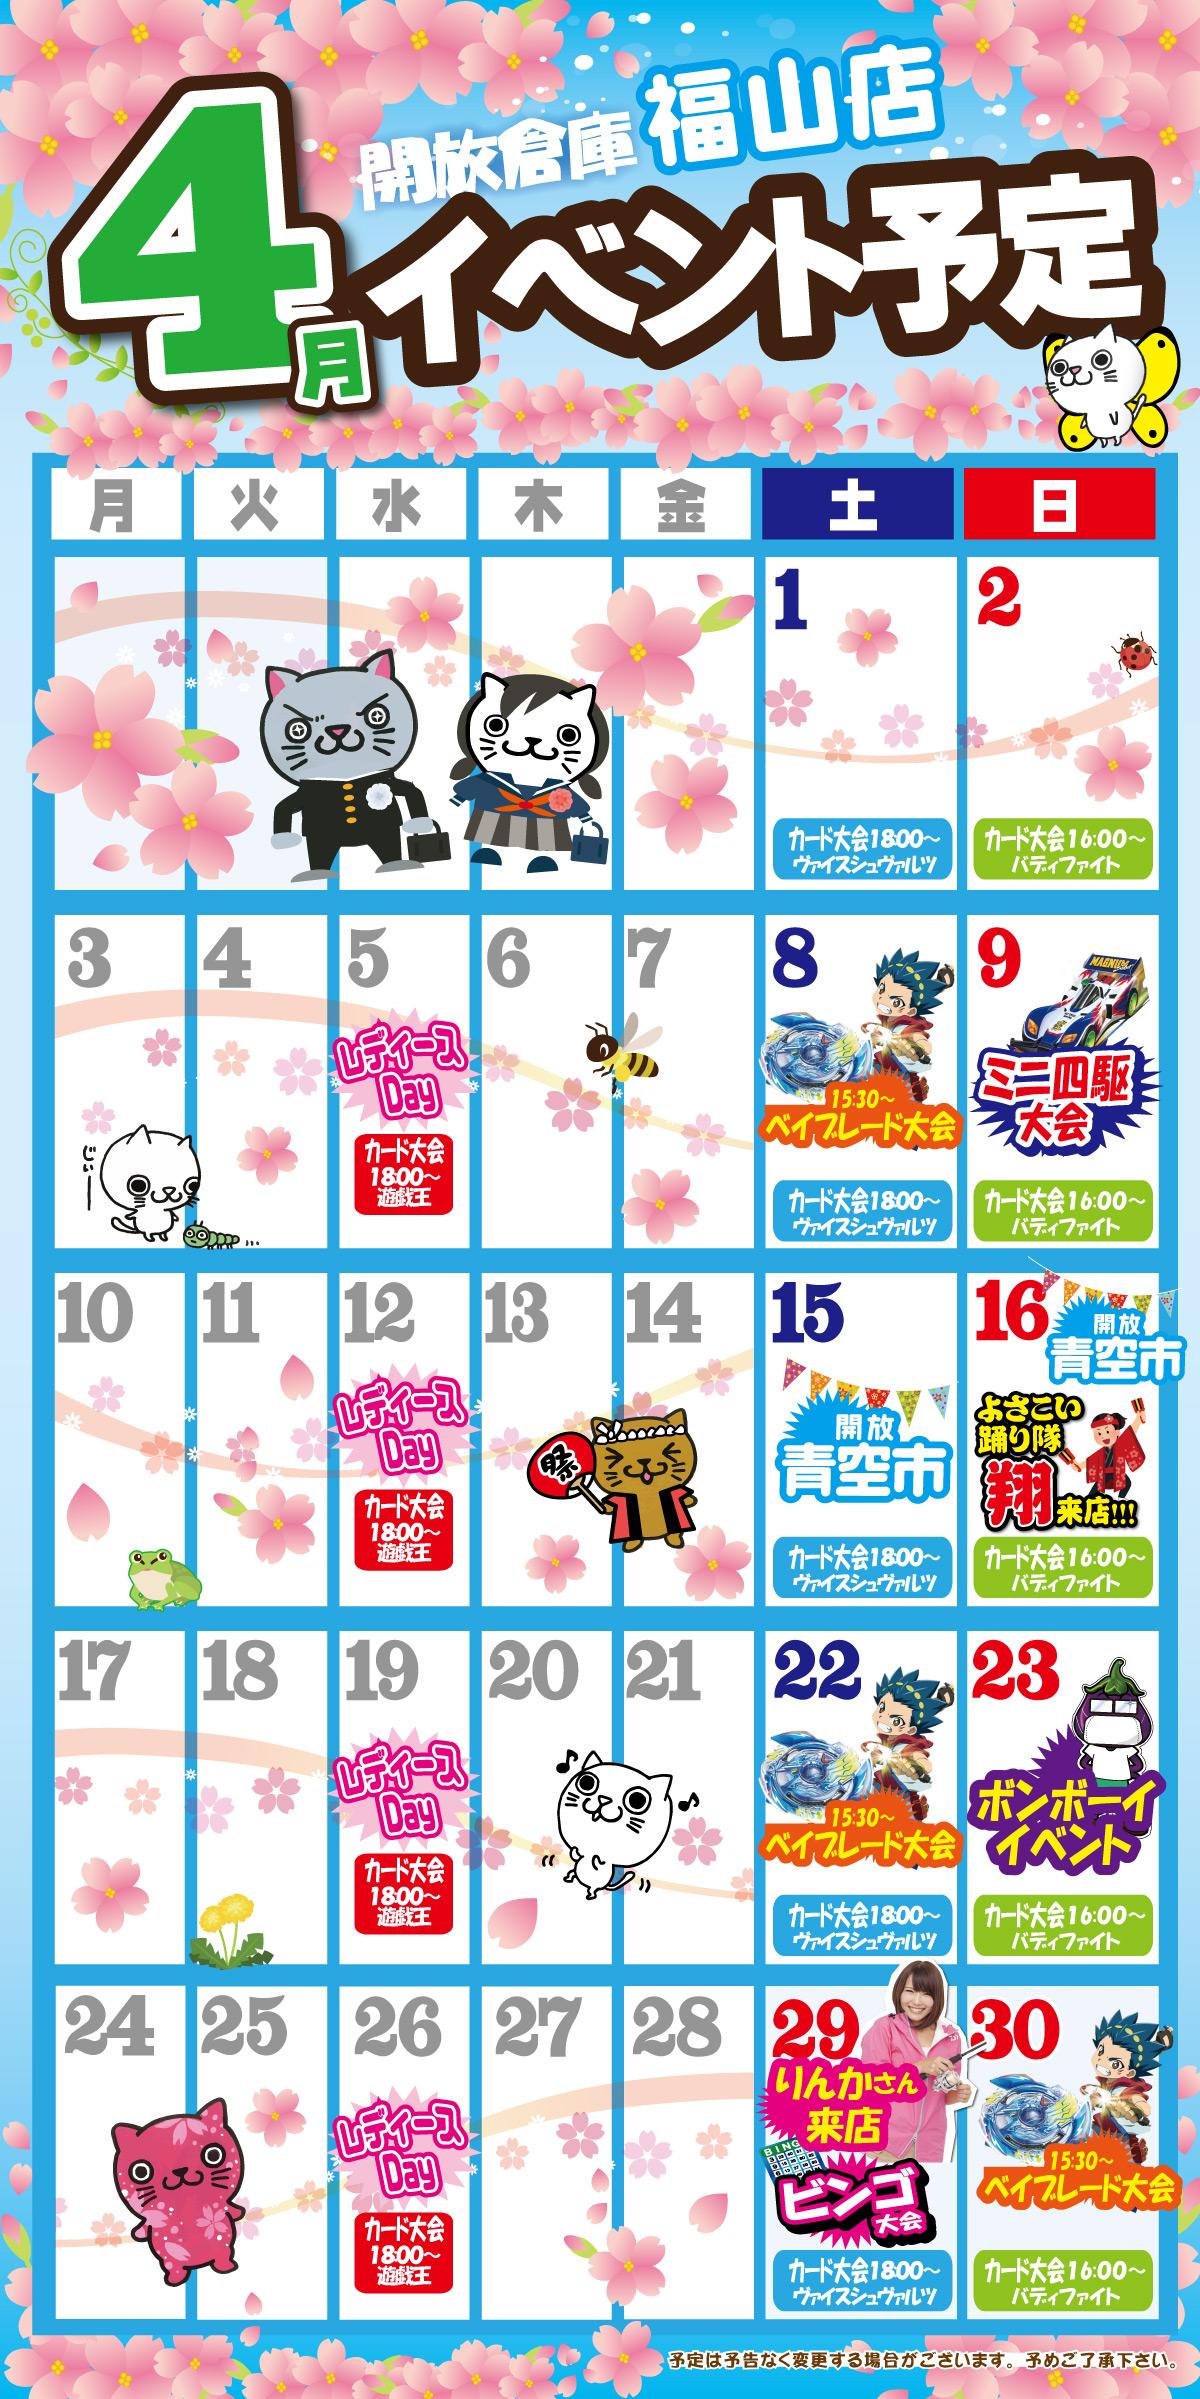 「開放倉庫福山店」2017年4月のイベントカレンダーを更新しました!